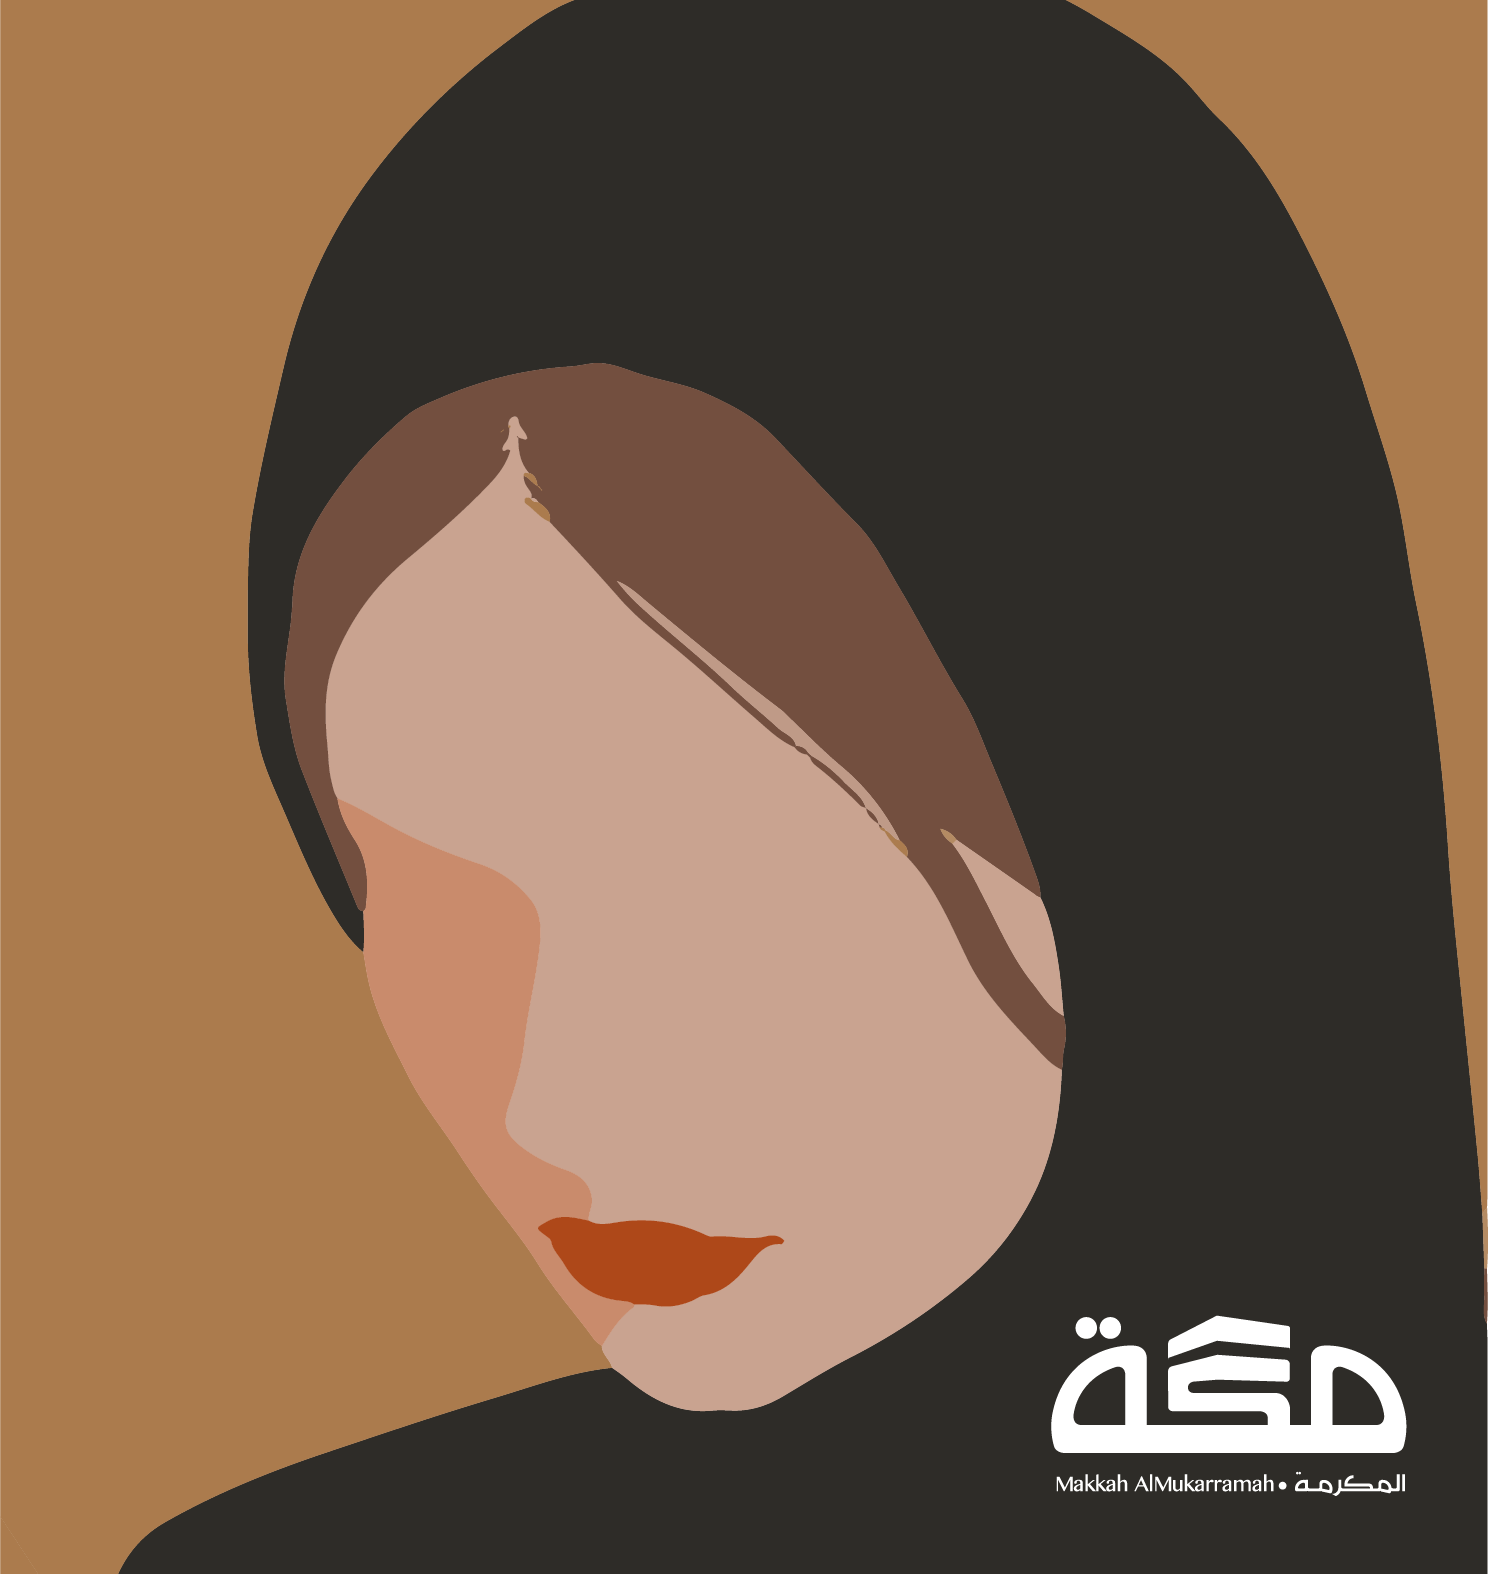 هدى عبدالعزيز الراجحي